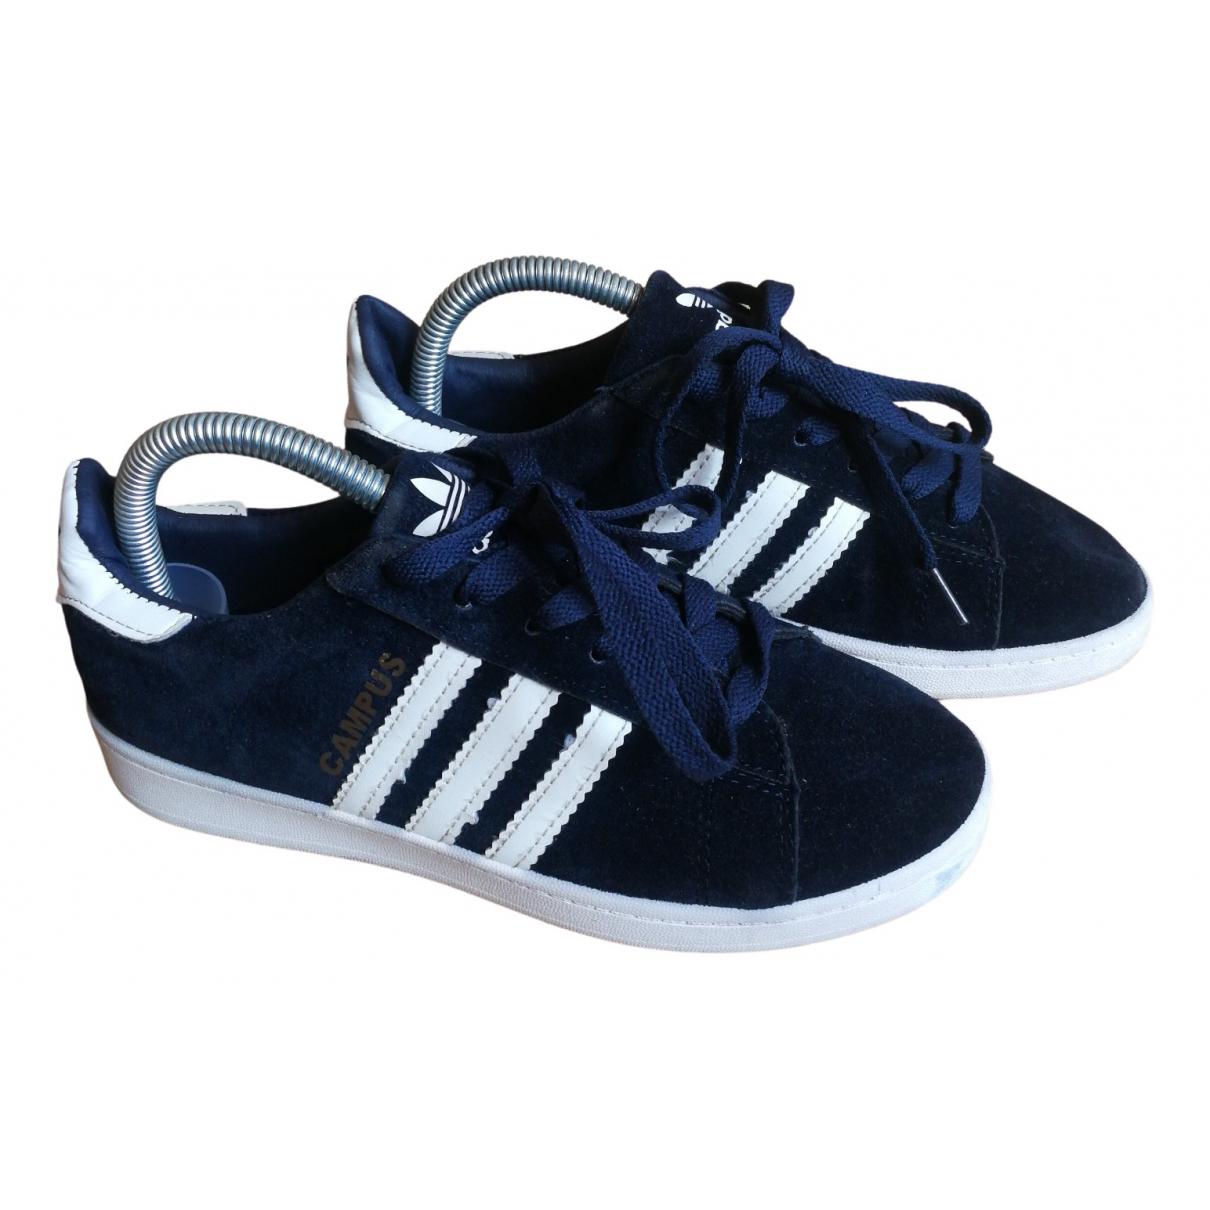 Adidas - Baskets   pour femme en suede - bleu